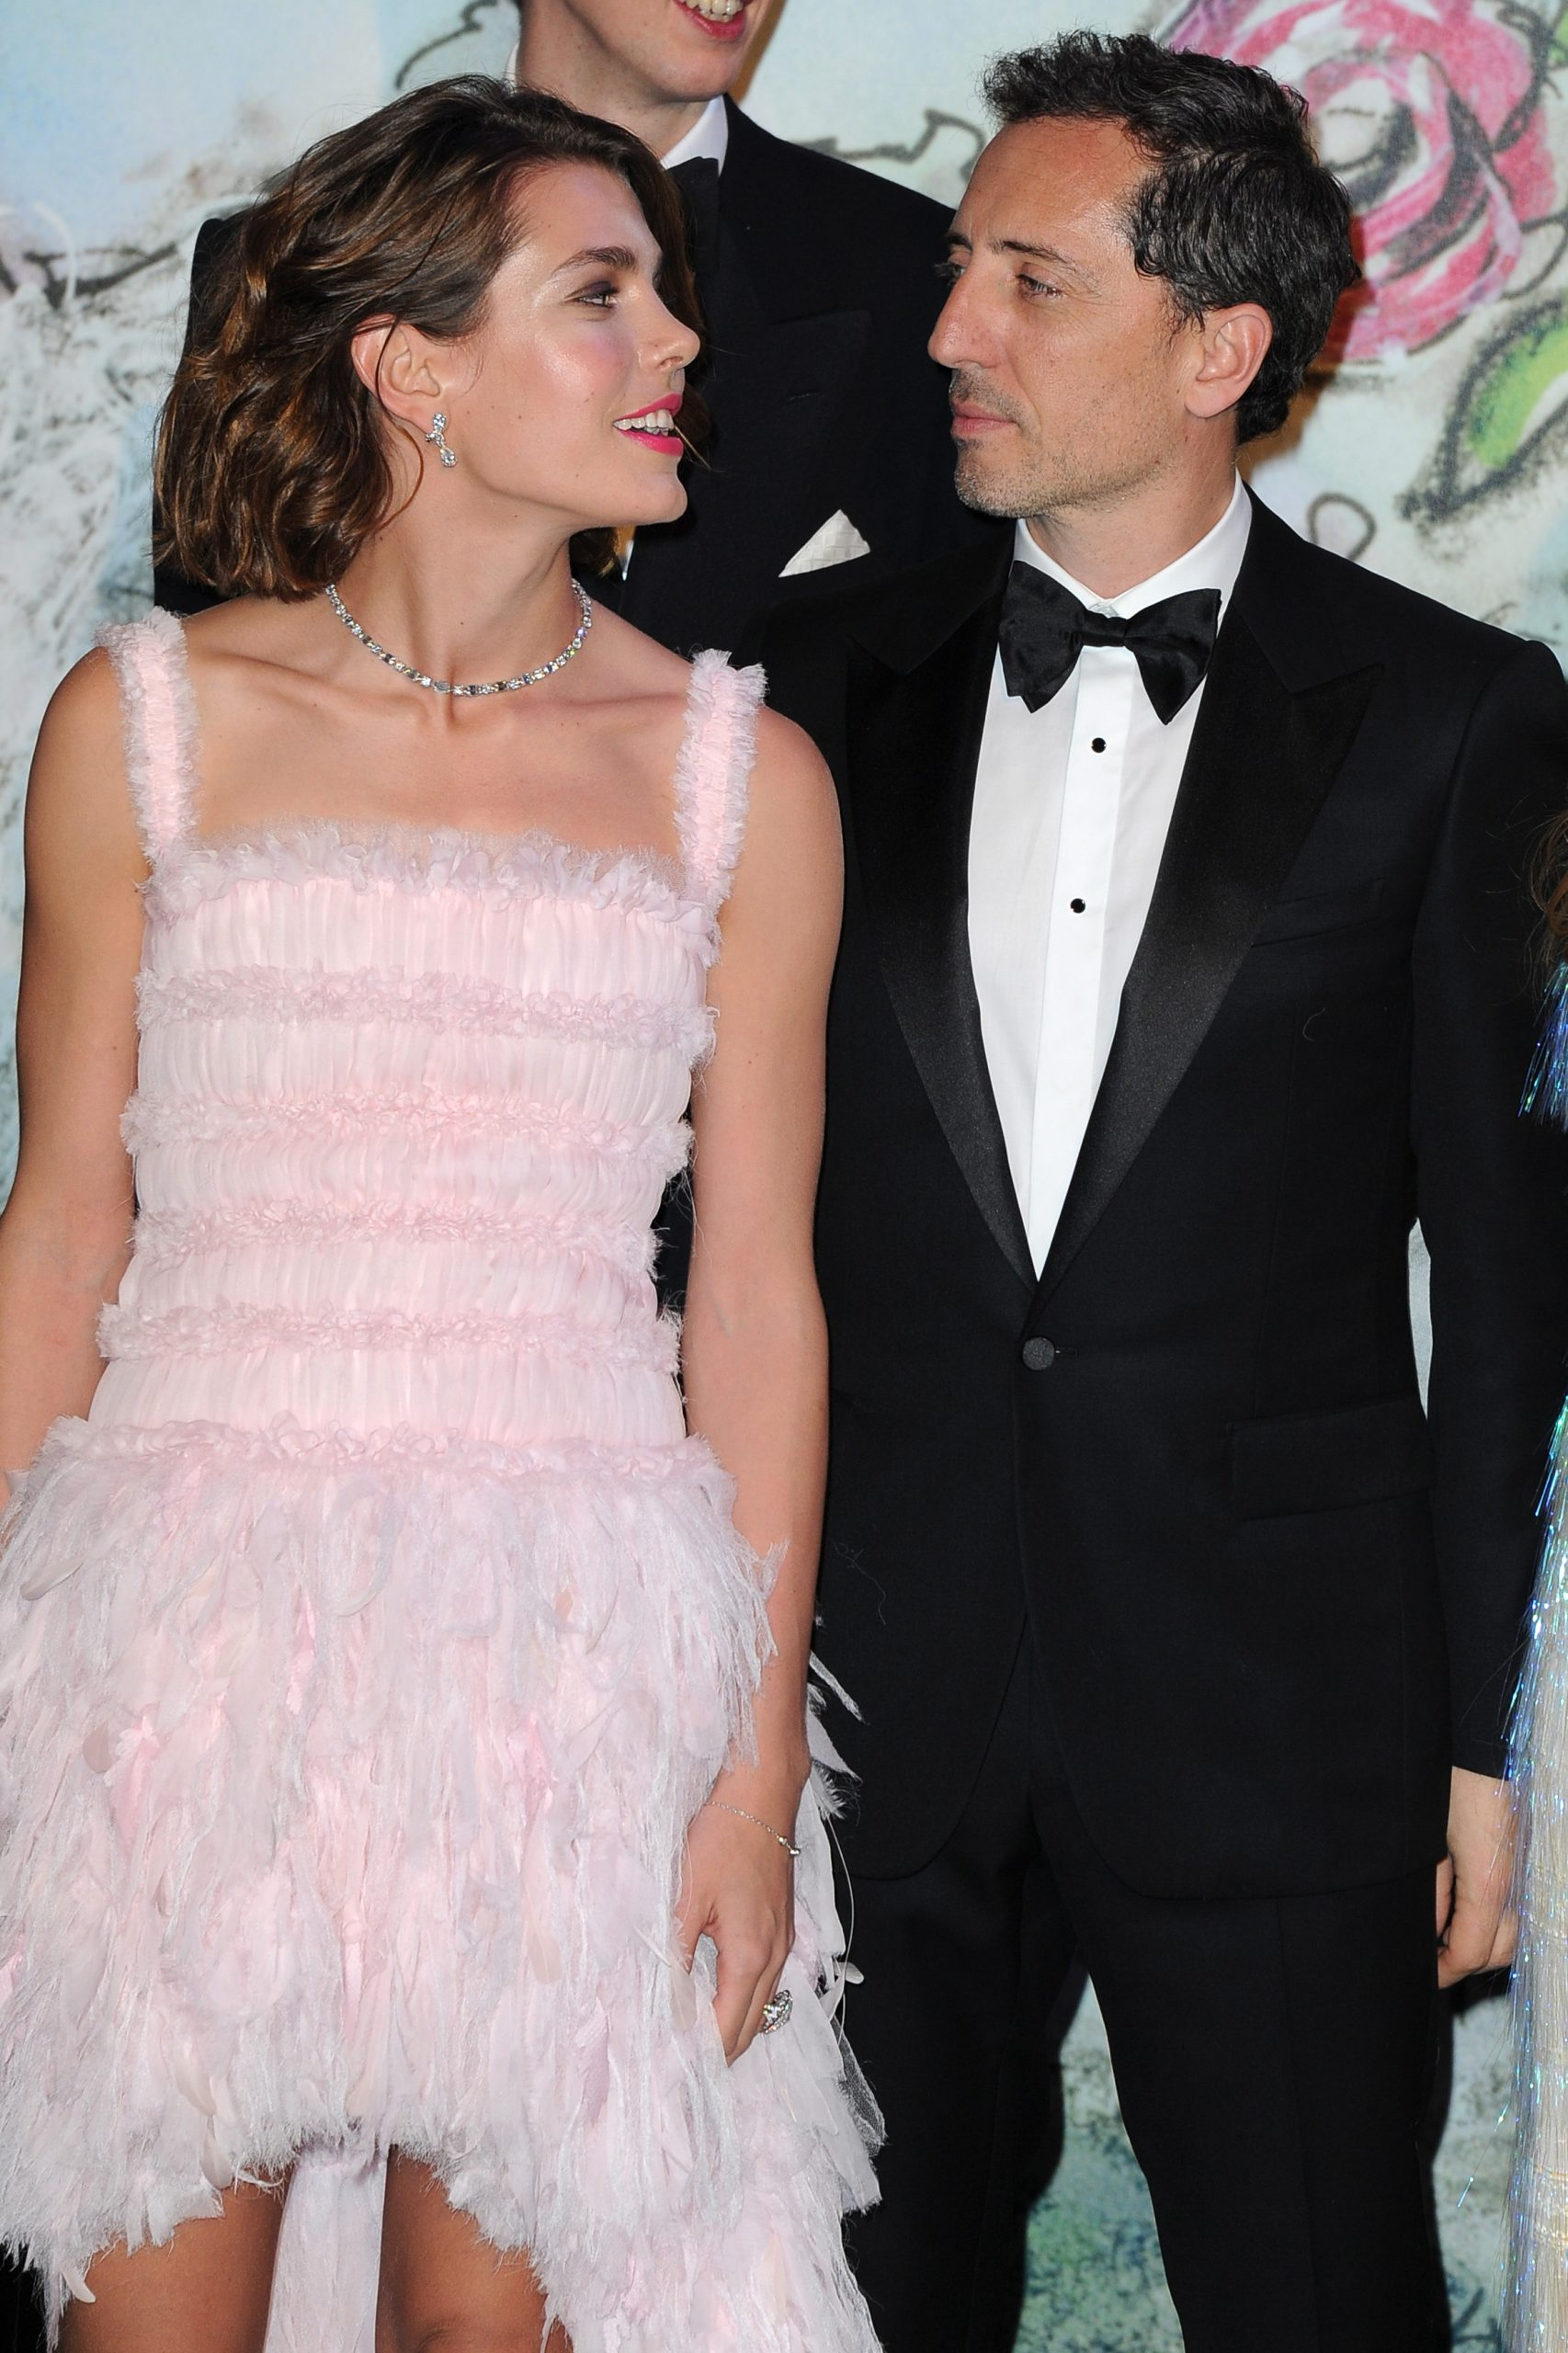 Carlota Casiraghi en el 'Baile de la Rosa' vestida de Chanel/ Foto: GETTY